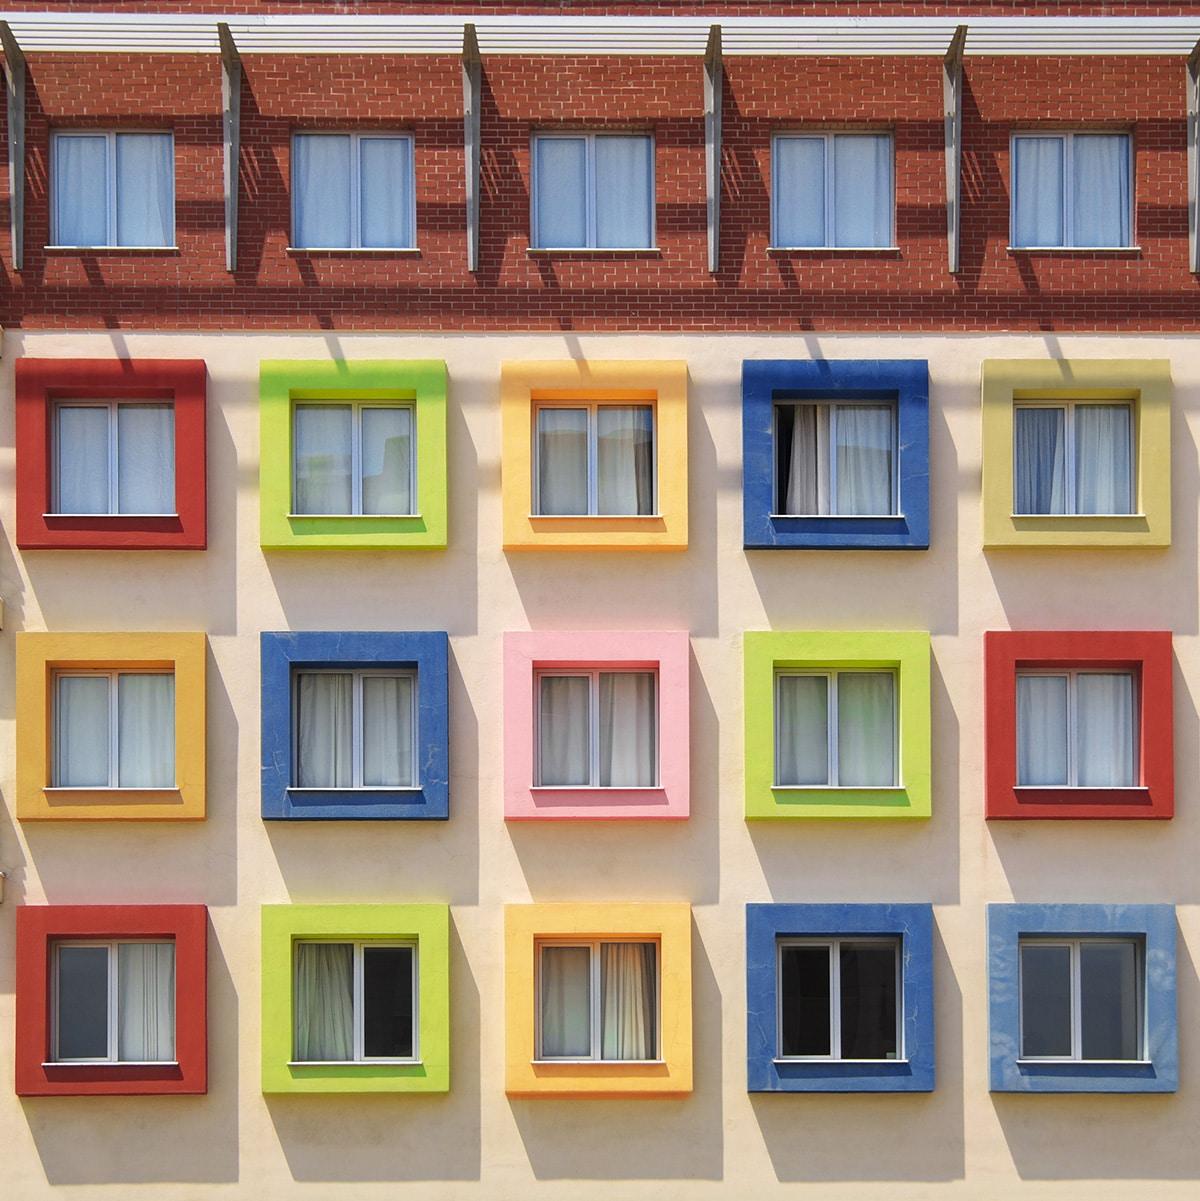 Arquitectura de colores en Turquía